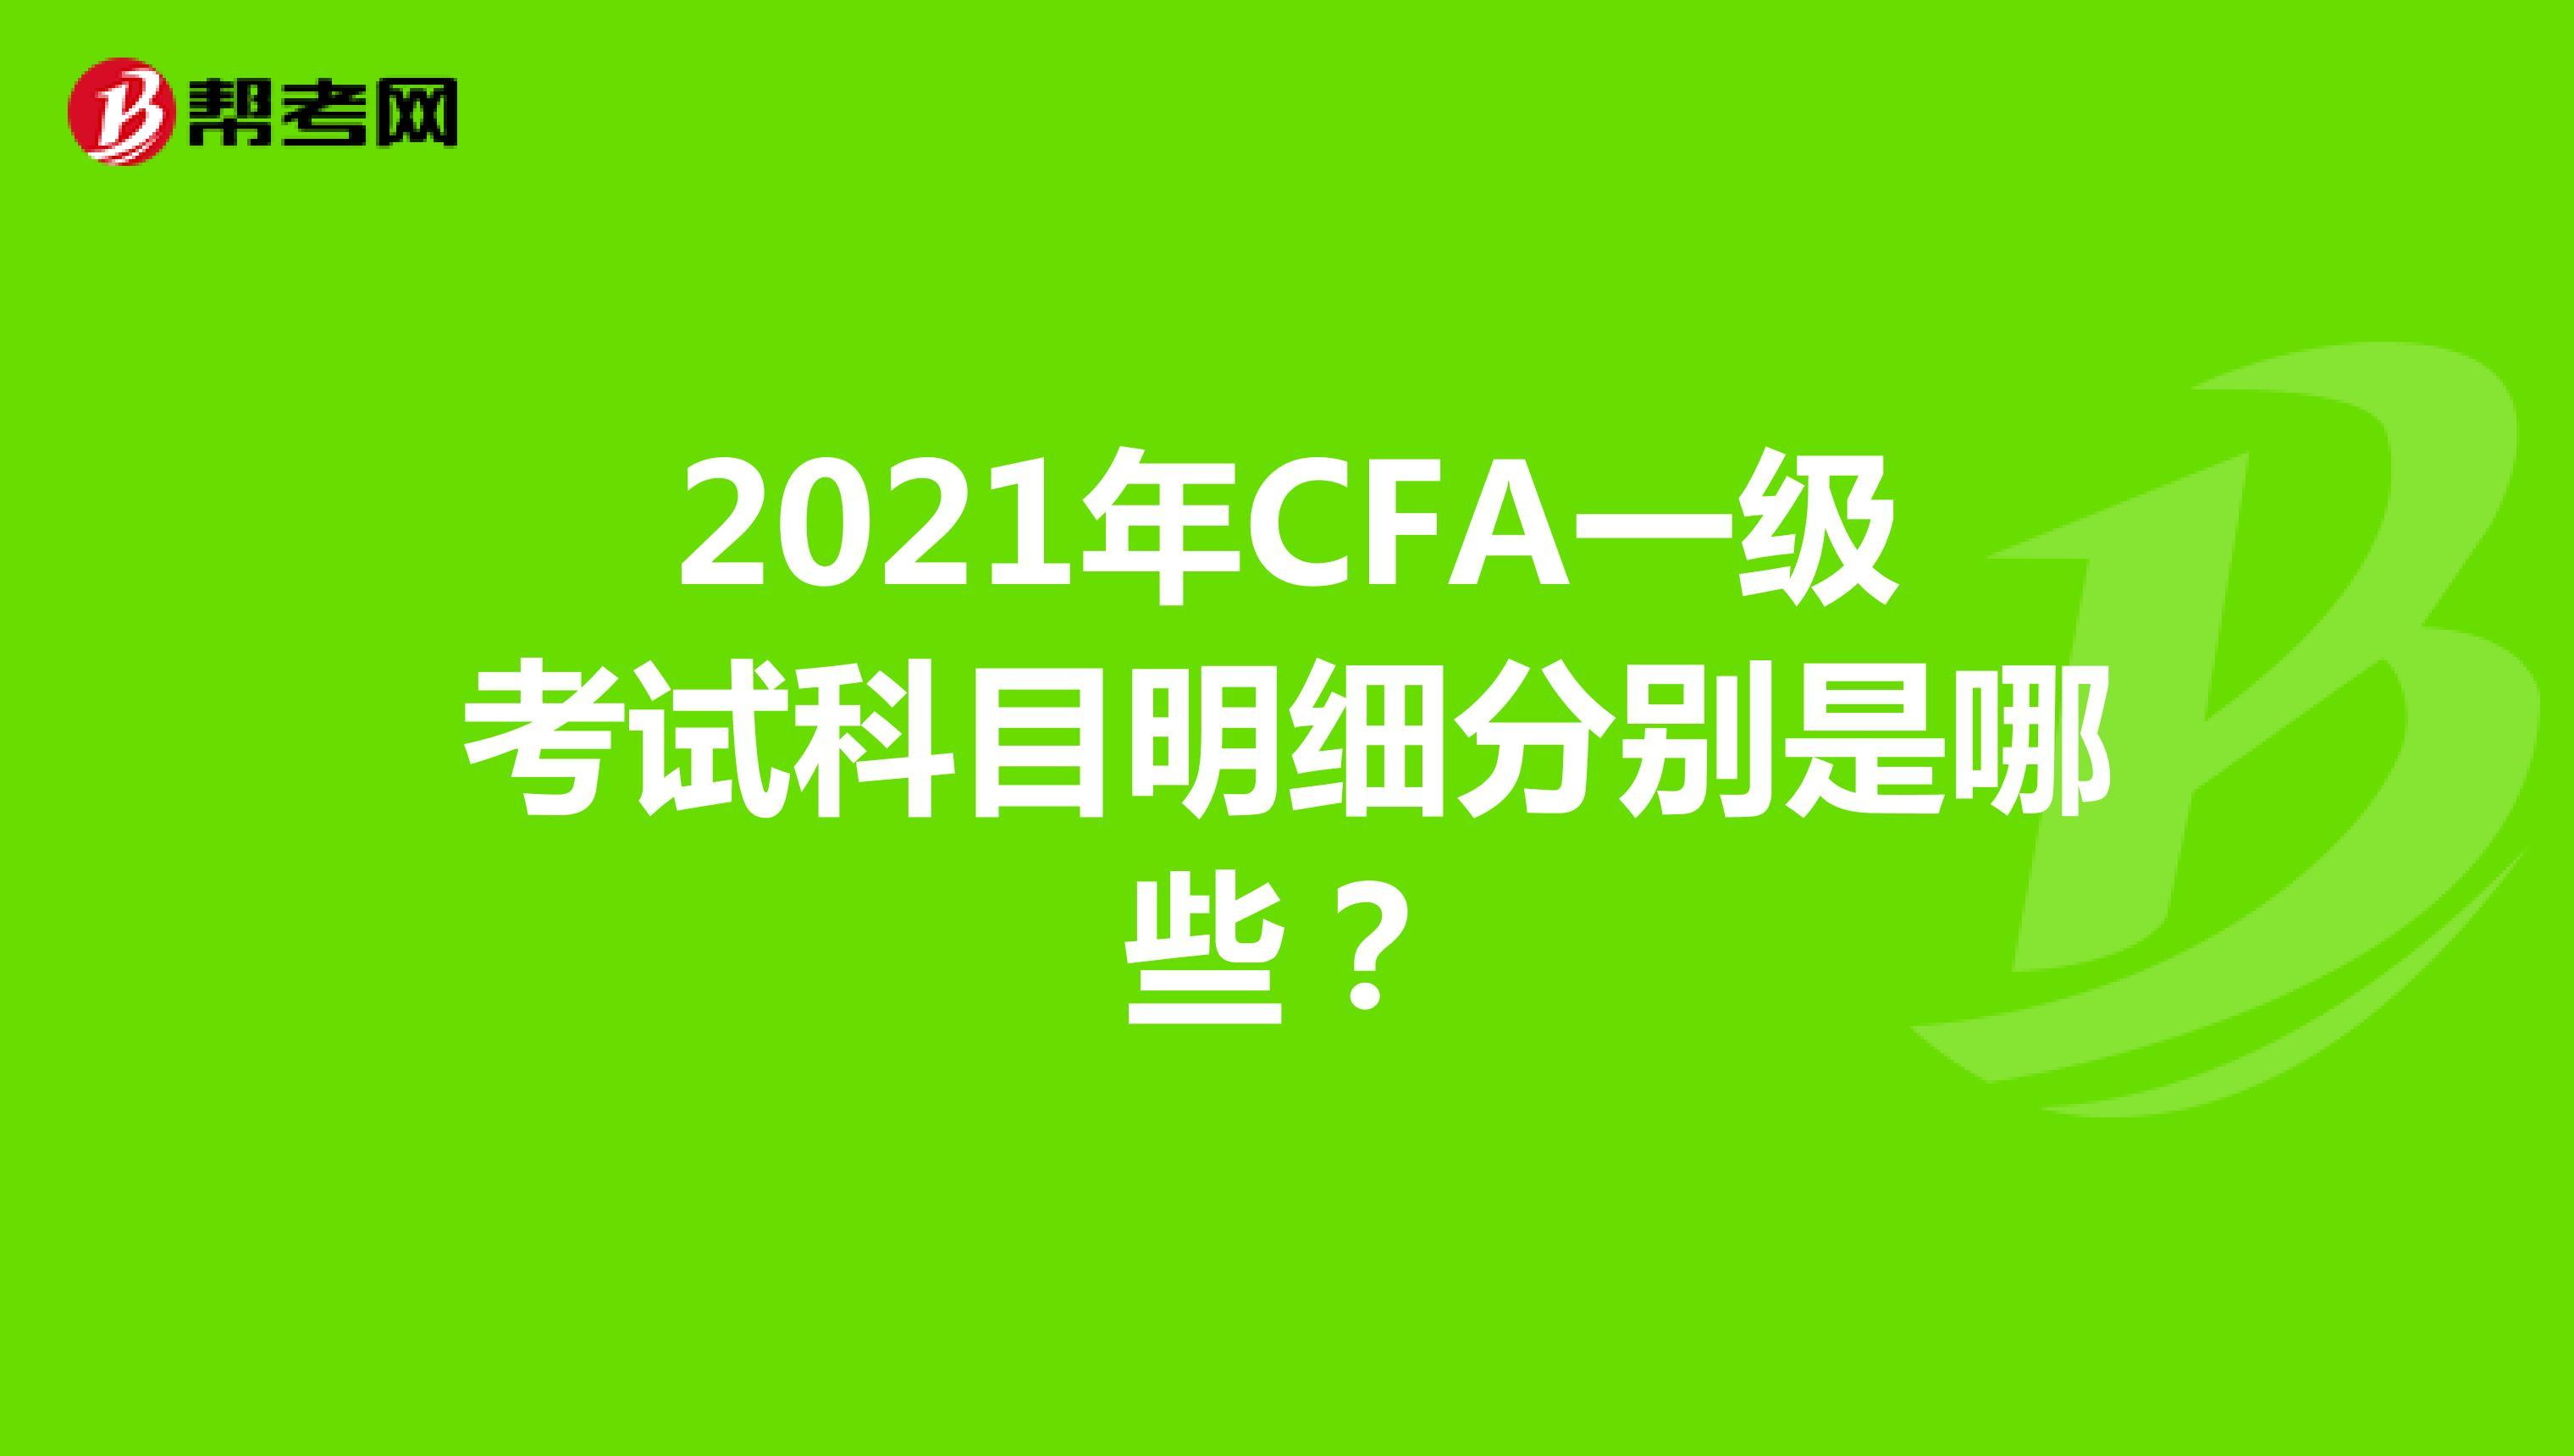 2021年CFA一级考试科目明细分别是哪些?